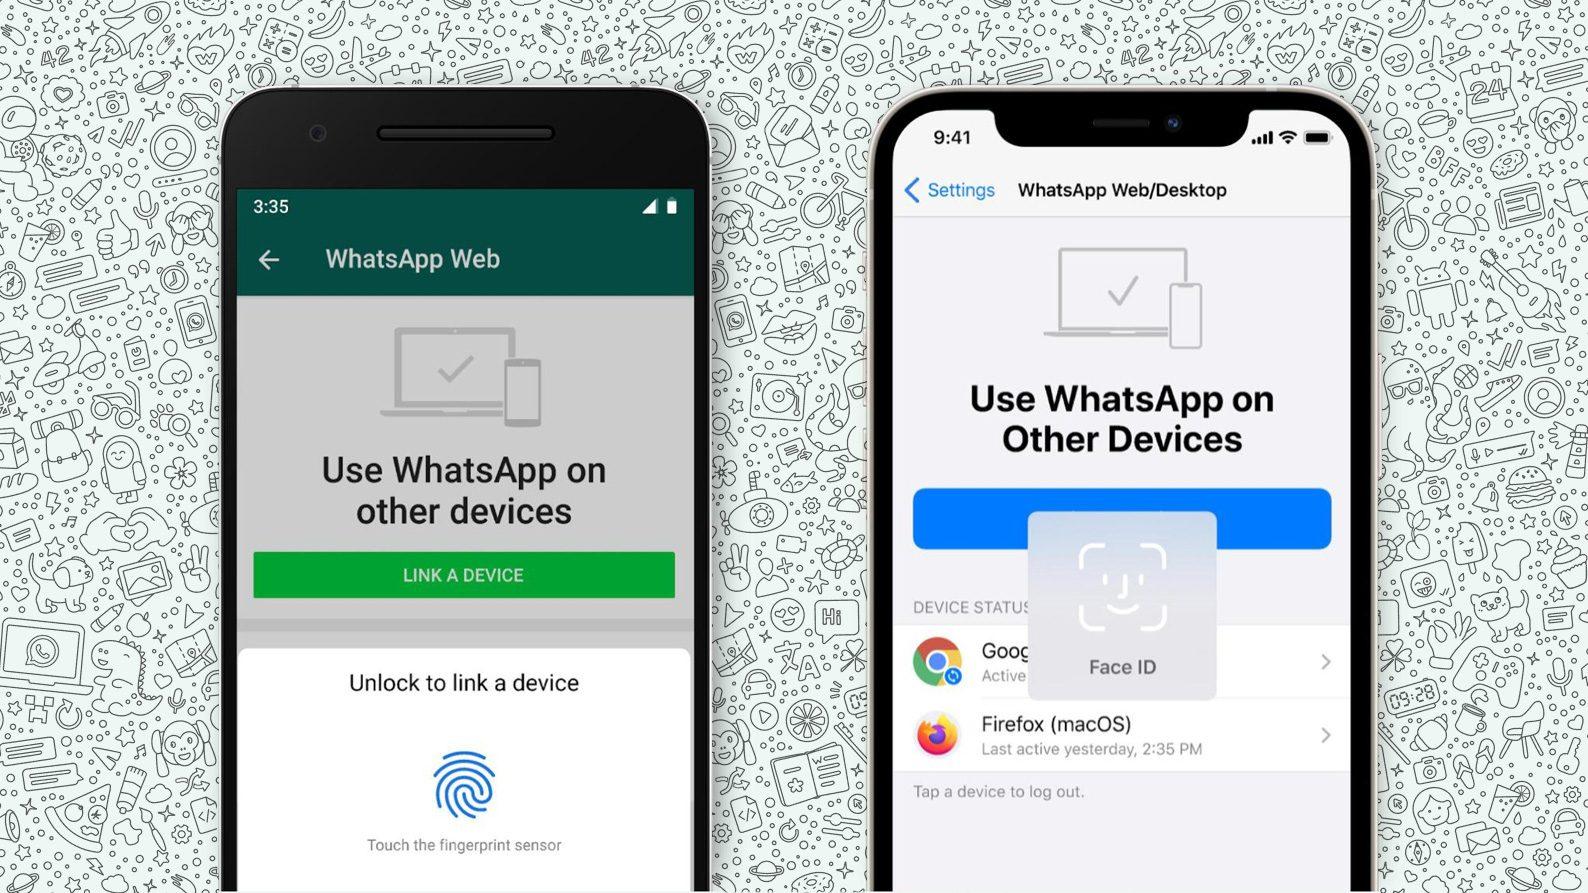 come-funziona-la-nuova-funzione-di-whatsapp-che-rende-l'app-piu-sicura